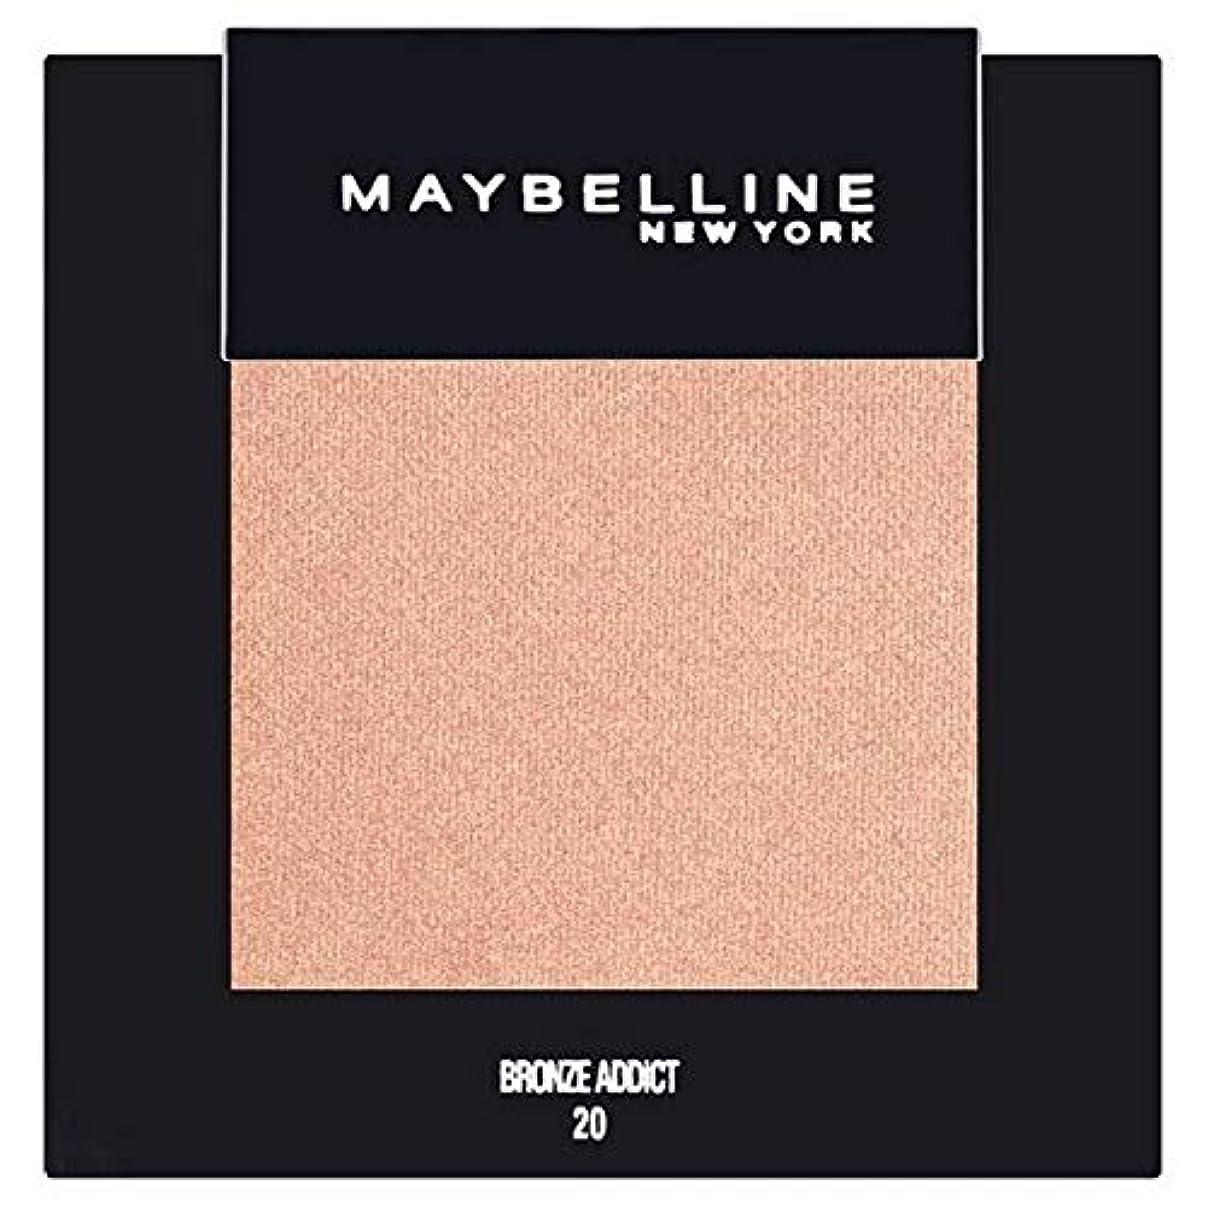 大使館下る靄[Maybelline ] メイベリンカラーショーシングルアイシャドウ20ブロンズ - Maybelline Color Show Single Eyeshadow 20 Bronze [並行輸入品]